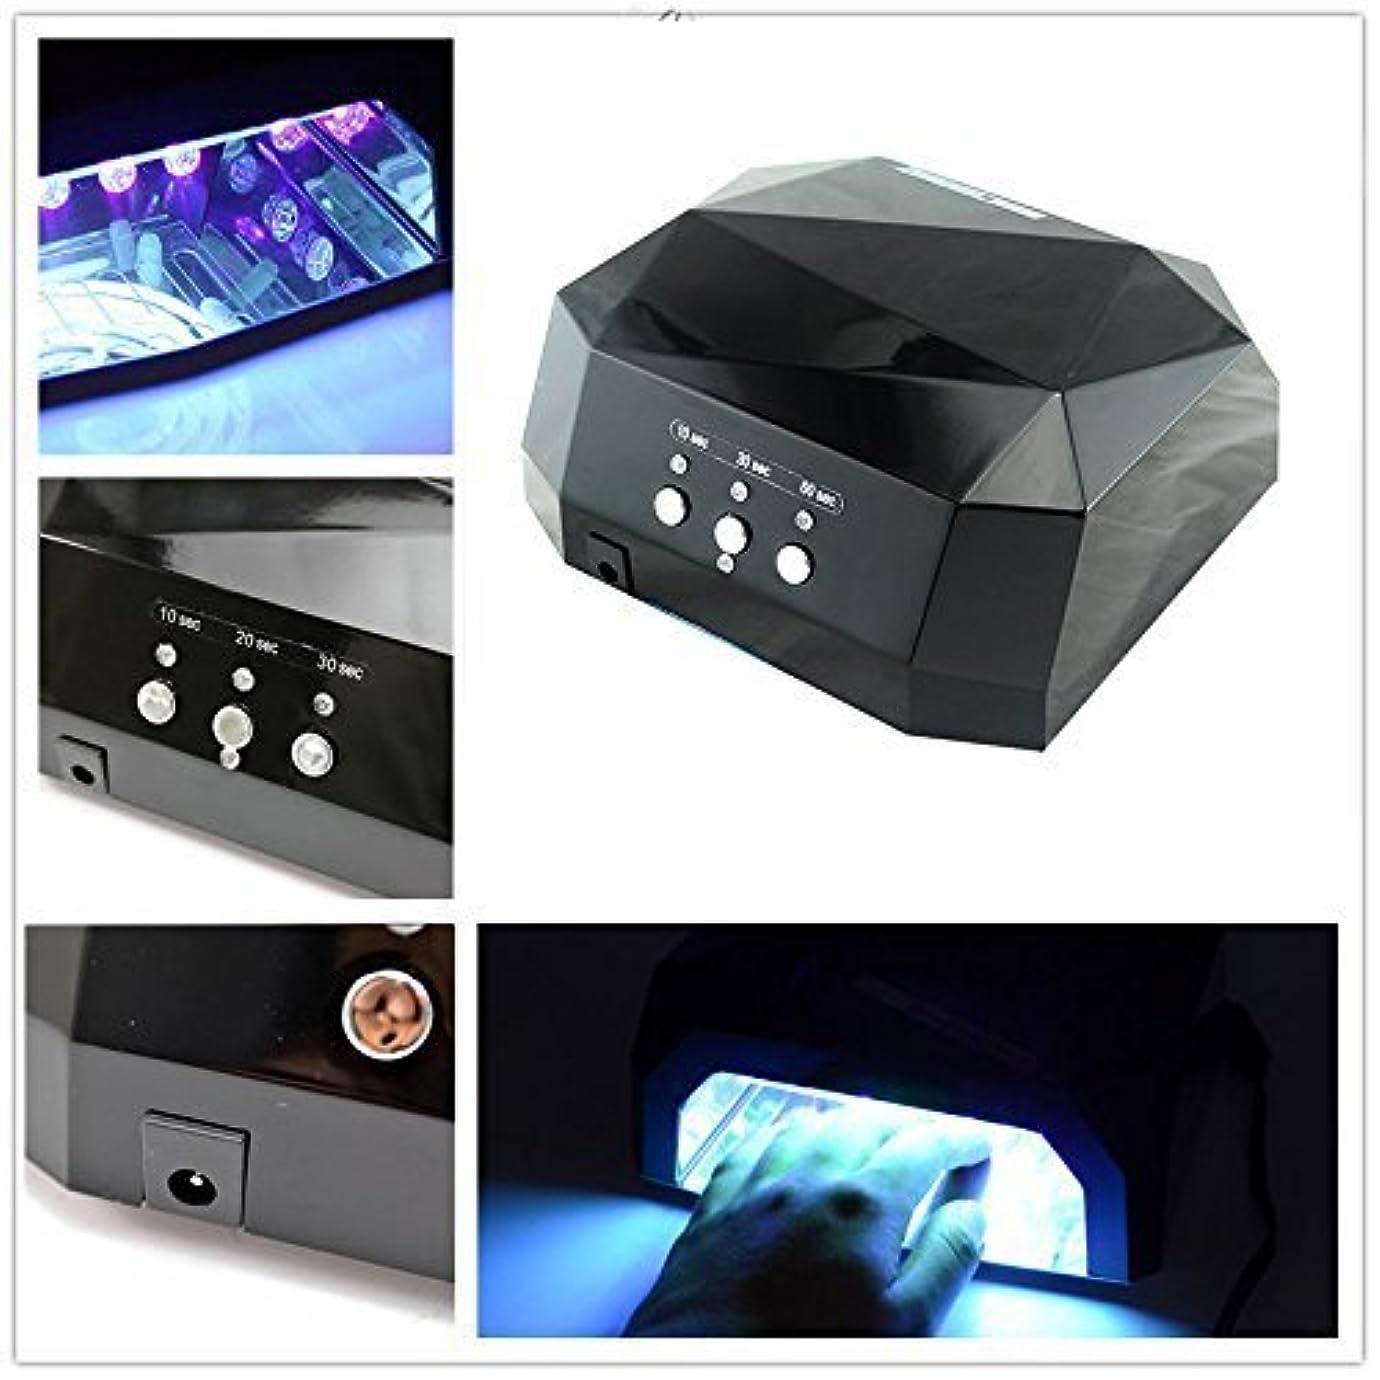 ボット拍手する流行しているGearmax®CCFL&LED ライト 36W ハイパワー ネイルライト ブラック